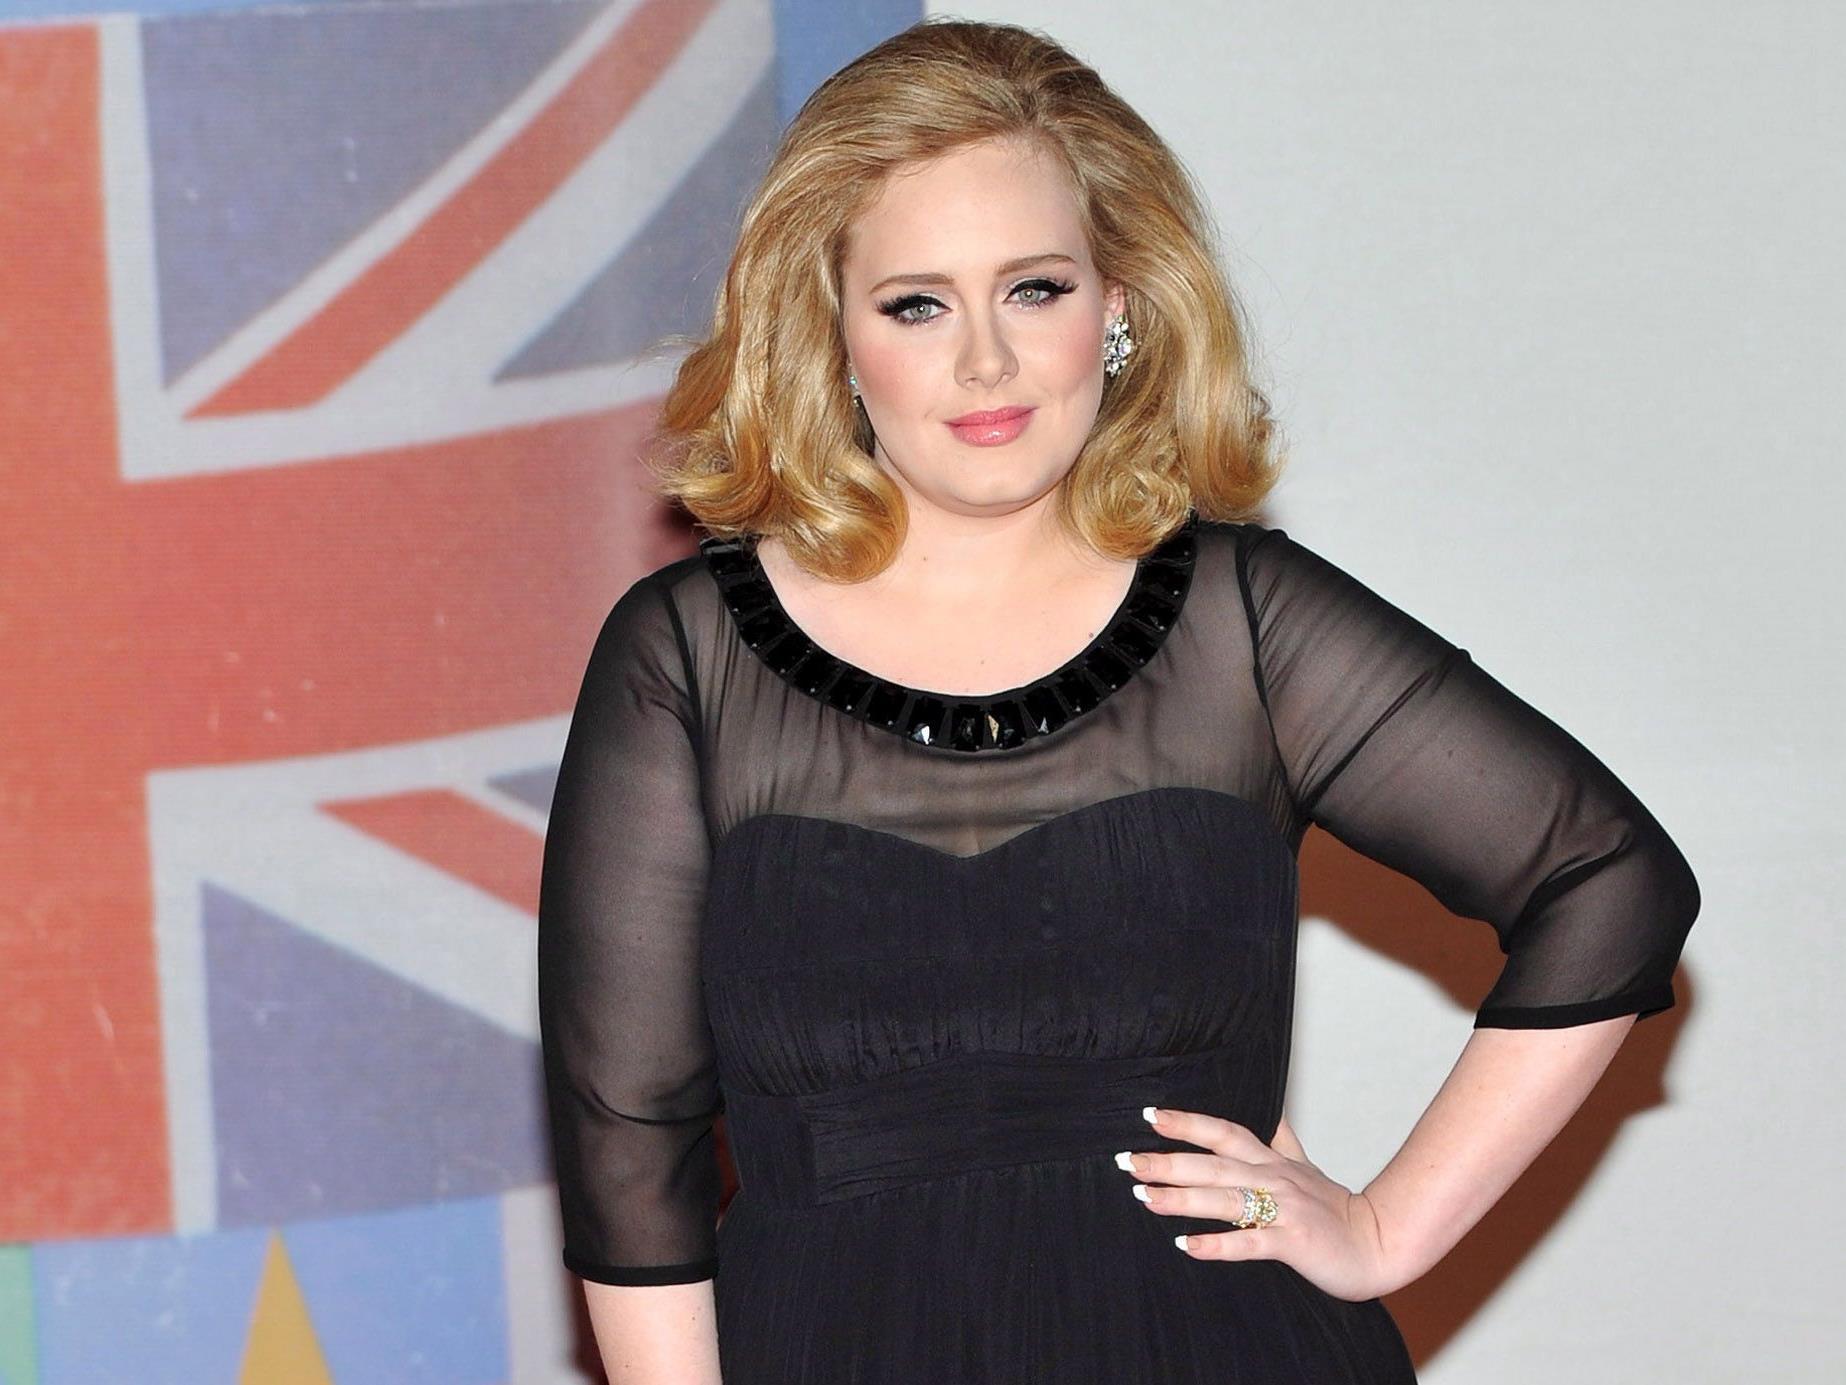 Gesangswunder Adele besitzt eine der größten Stimmen im aktuellen Musicbusiness.